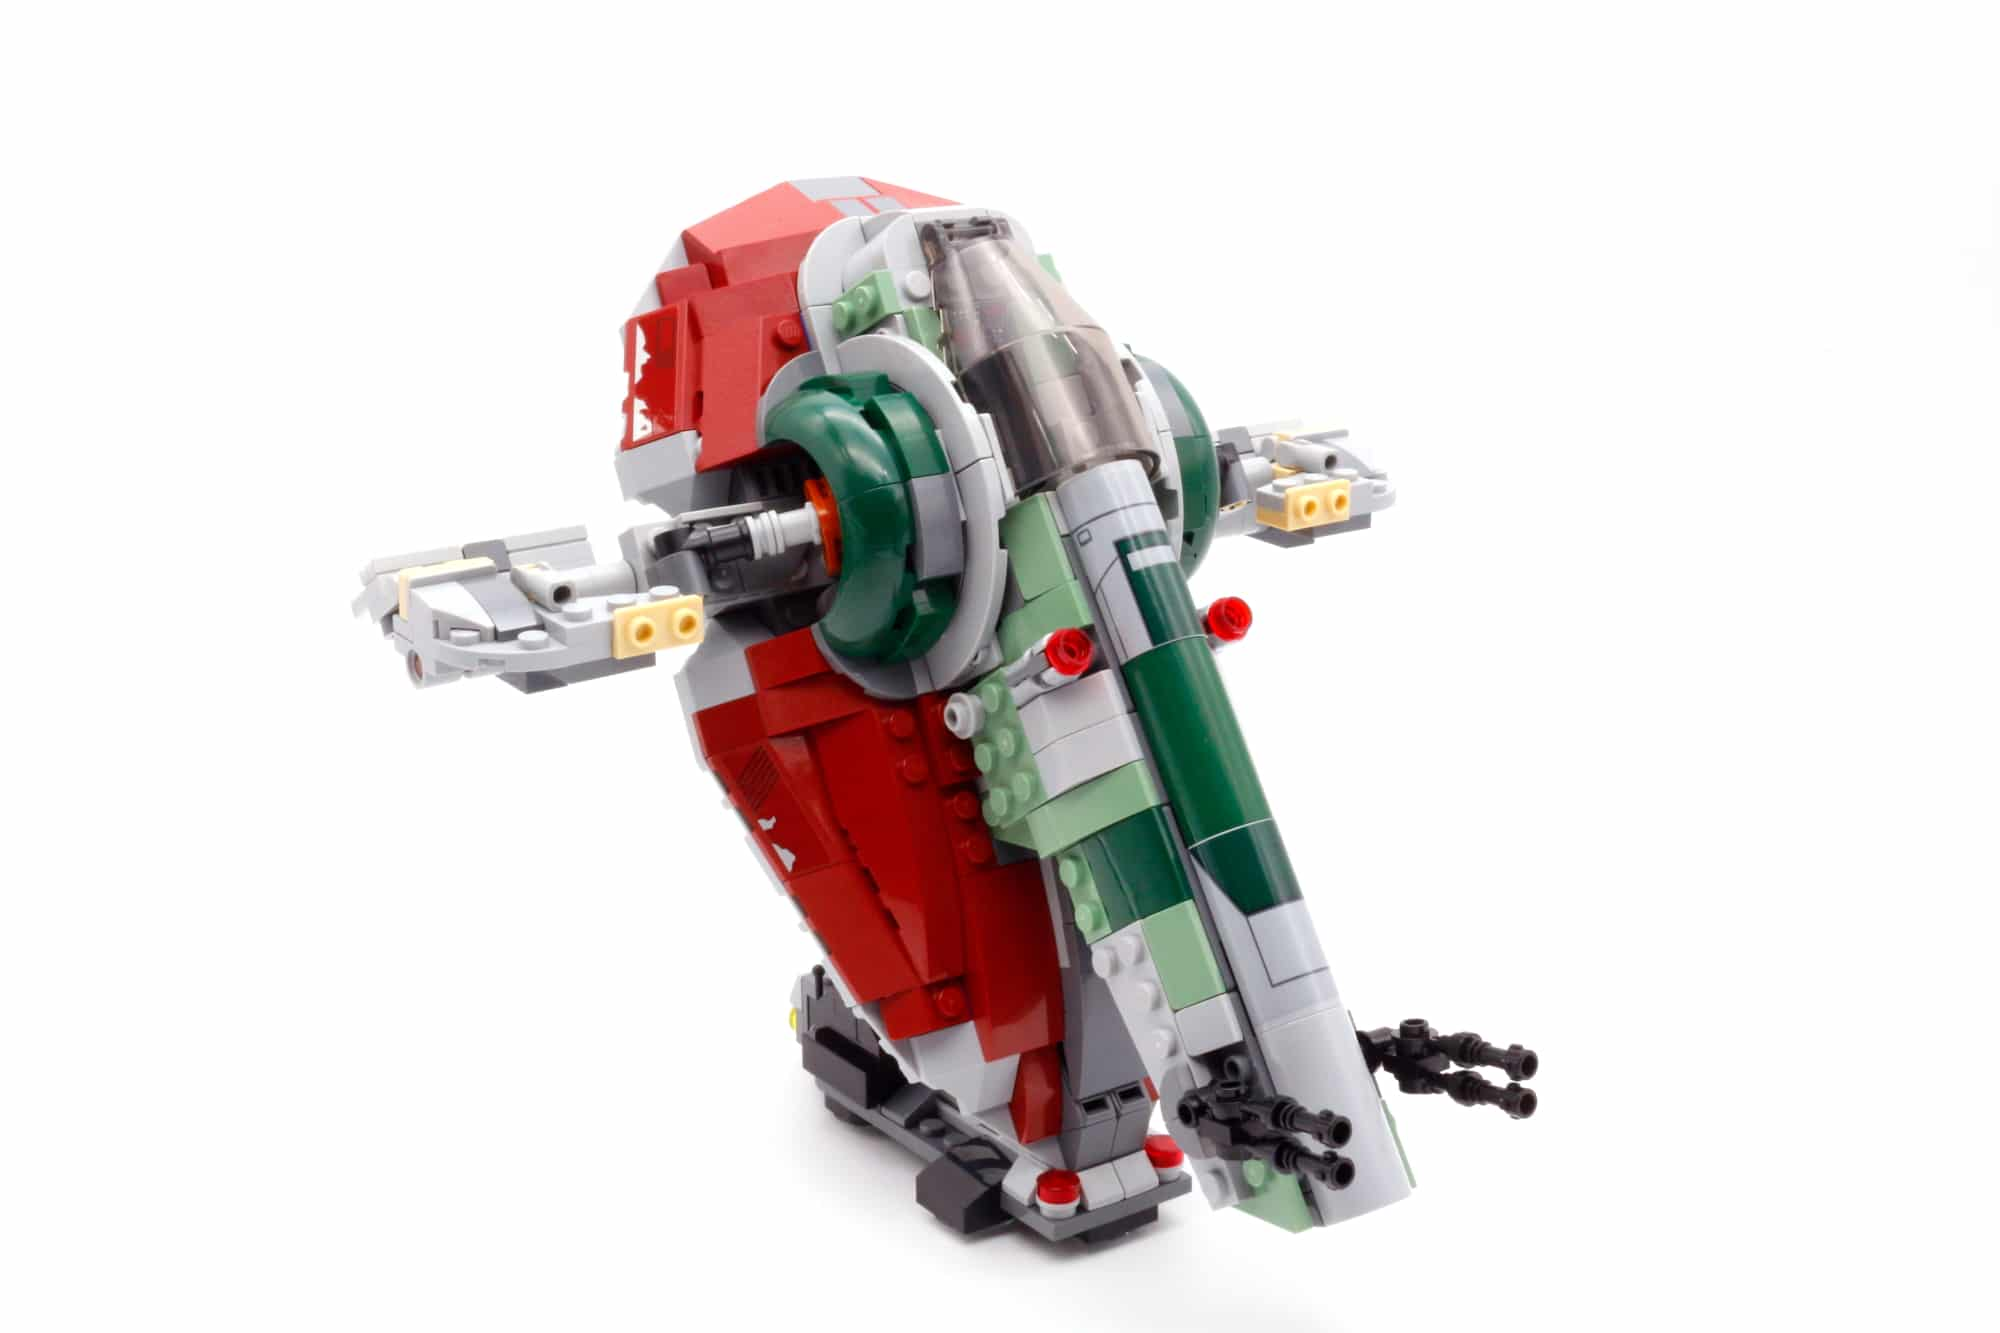 LEGO Star Wars 75312 Boba Fetts Starship 16